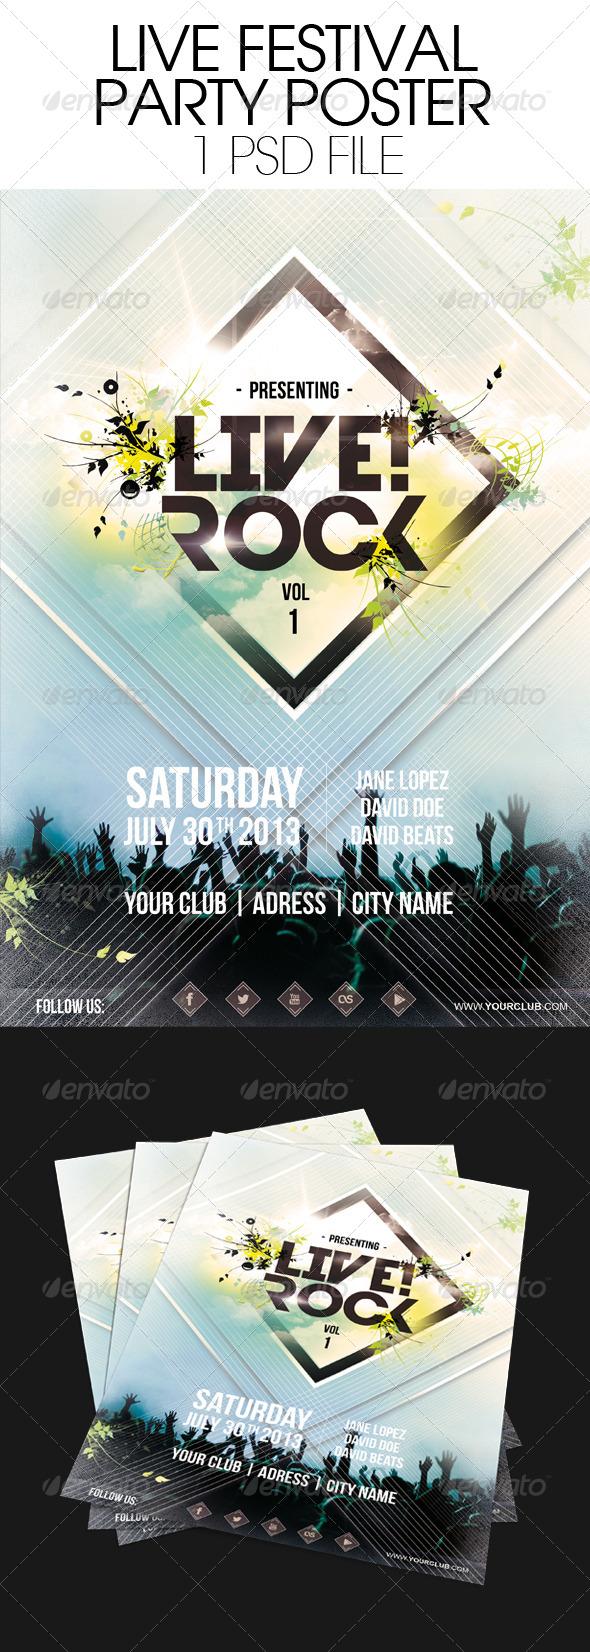 GraphicRiver Live Festival Poster 6370397